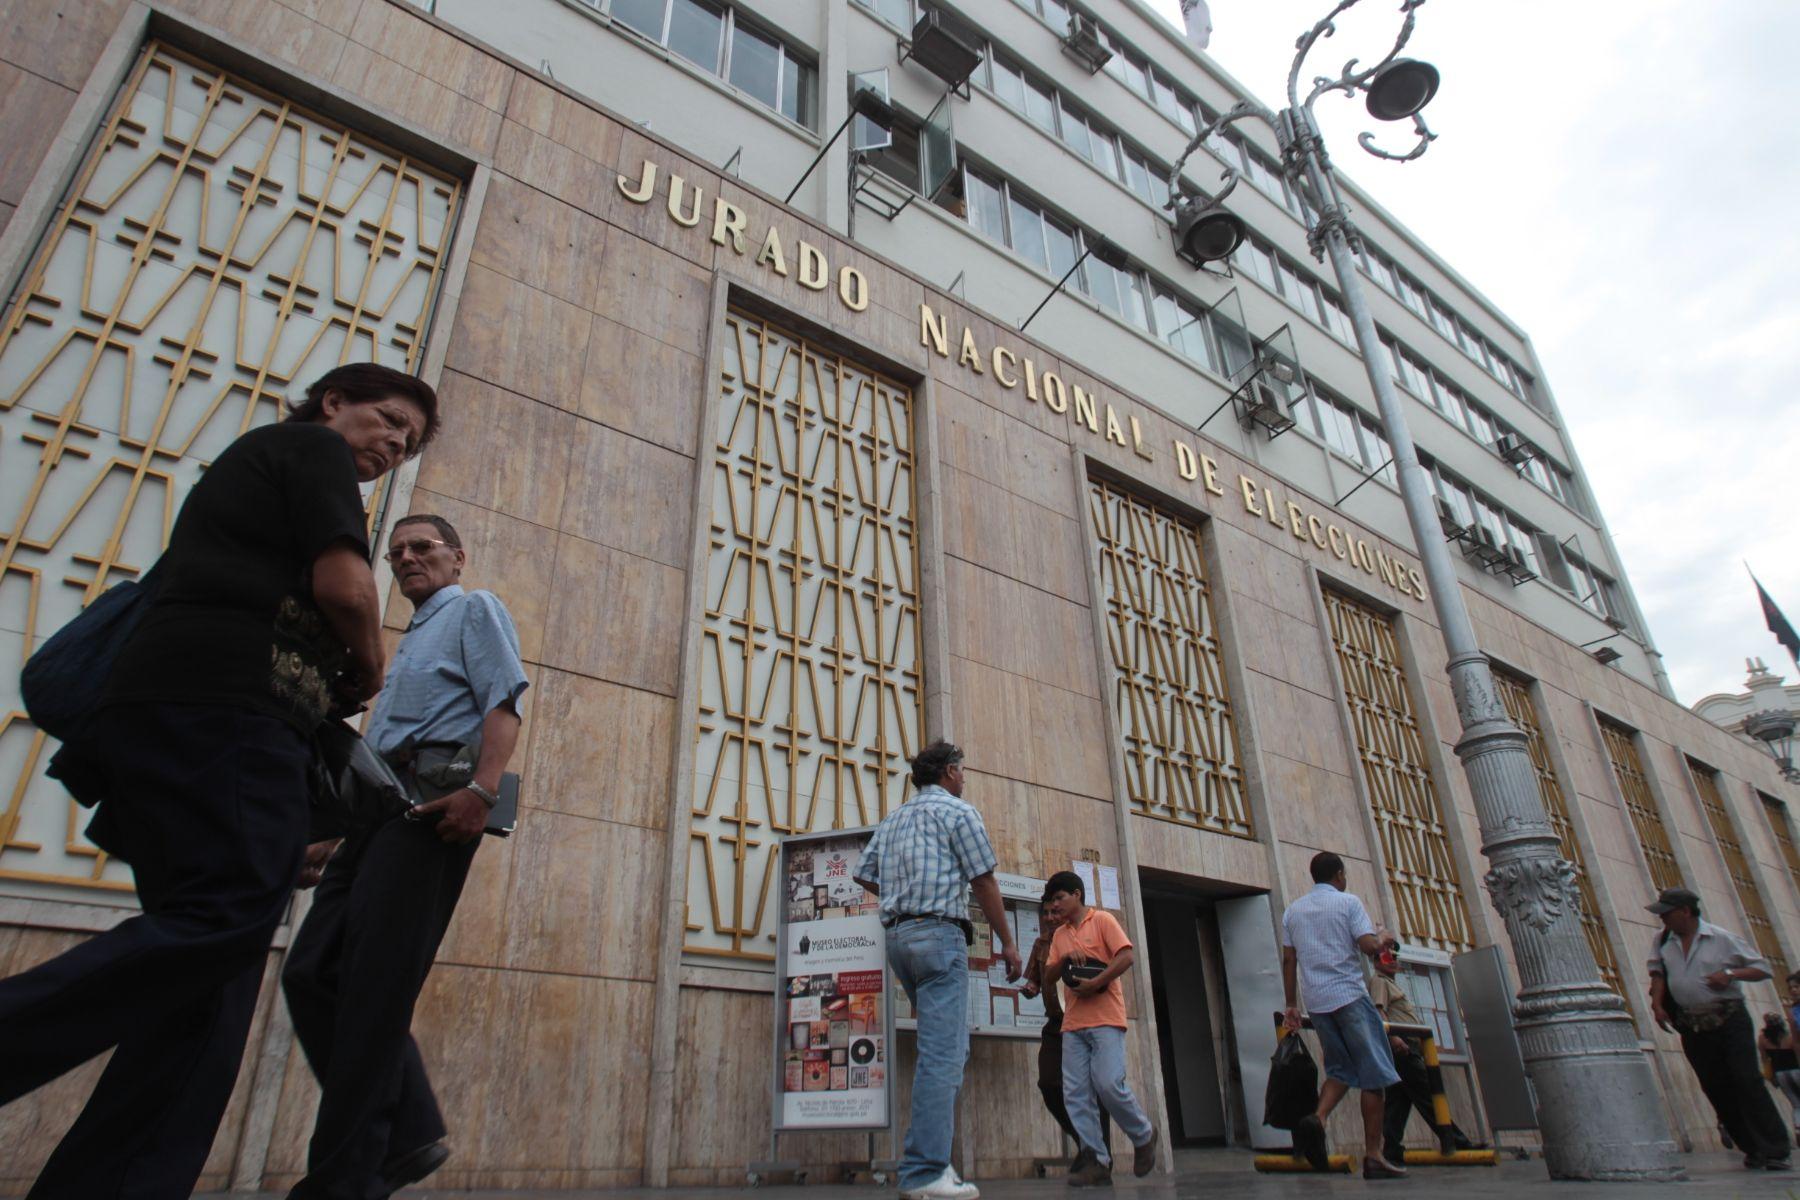 Fachada del Jurado Nacional de Elecciones en el centro de LIma. Foto: ANDINA/Carlos Lezama